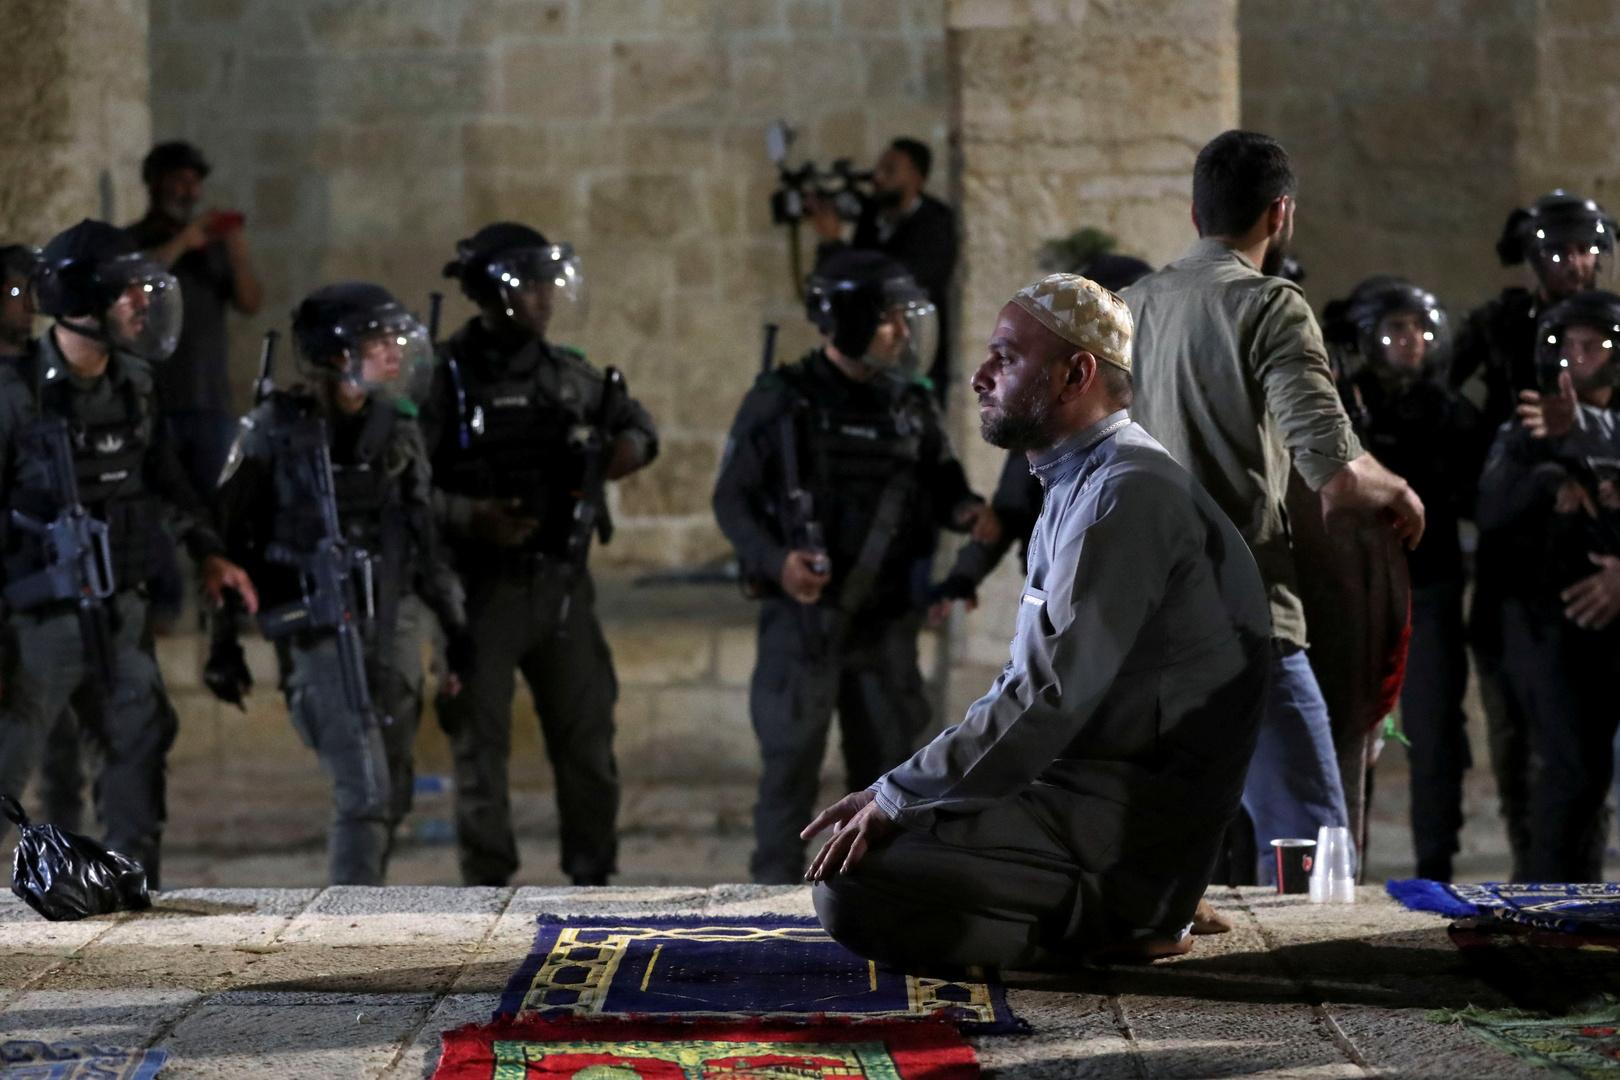 فلسطيني يصلي بينما تتجمع الشرطة الإسرائيلية خلال مواجهات المسجد الأقصى